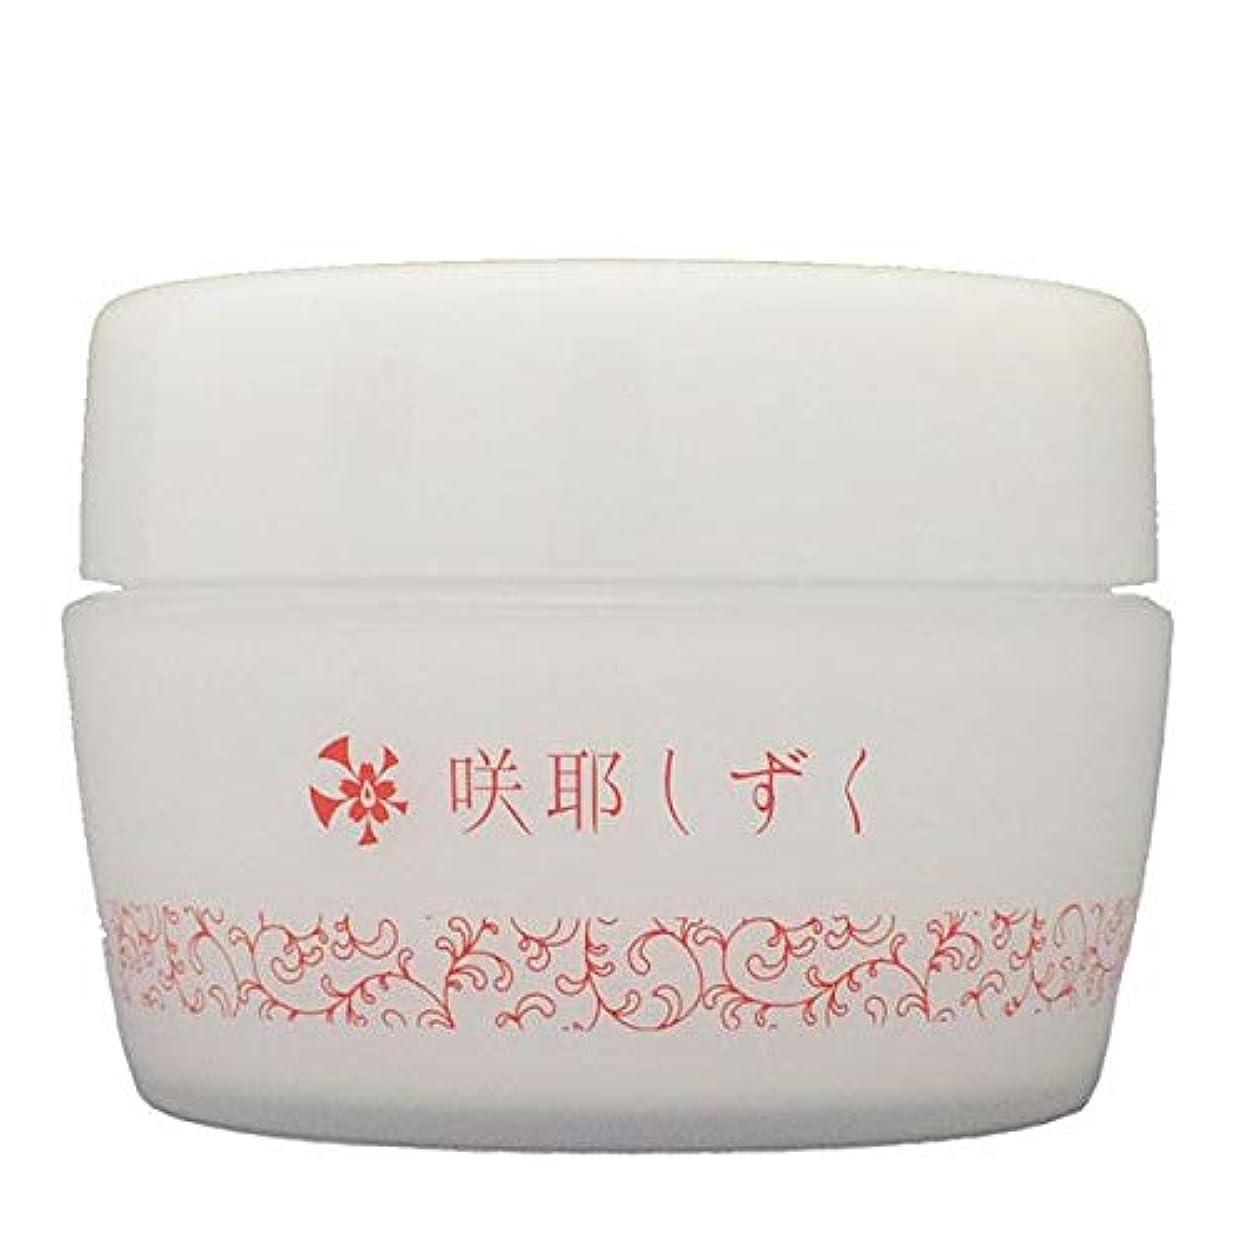 指脳マイルド咲耶しずく クリーム 乾燥肌 さくやしずく 敏感肌 エムズジャパン M's Japan ms-sge01